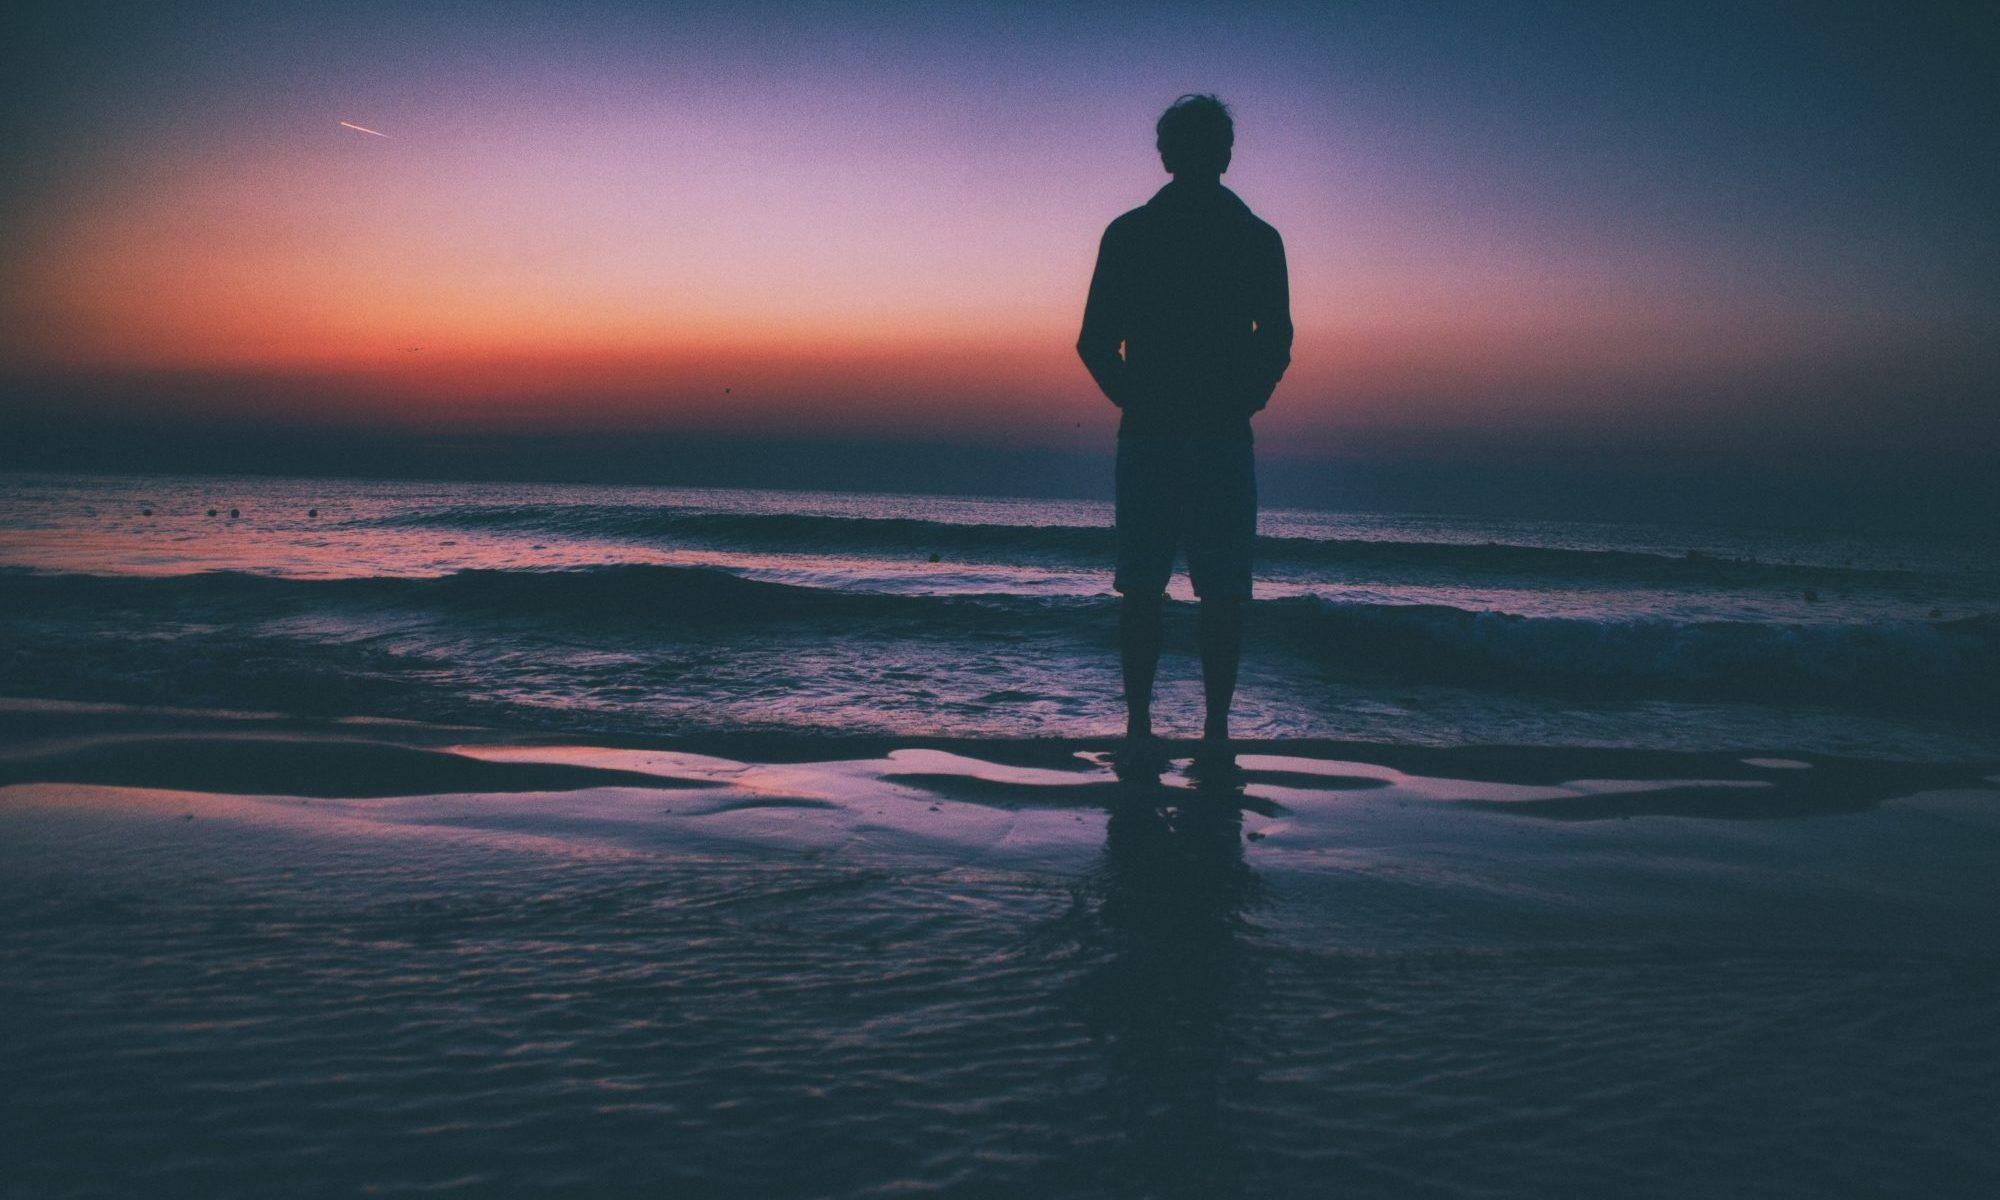 ひとりで立つ海